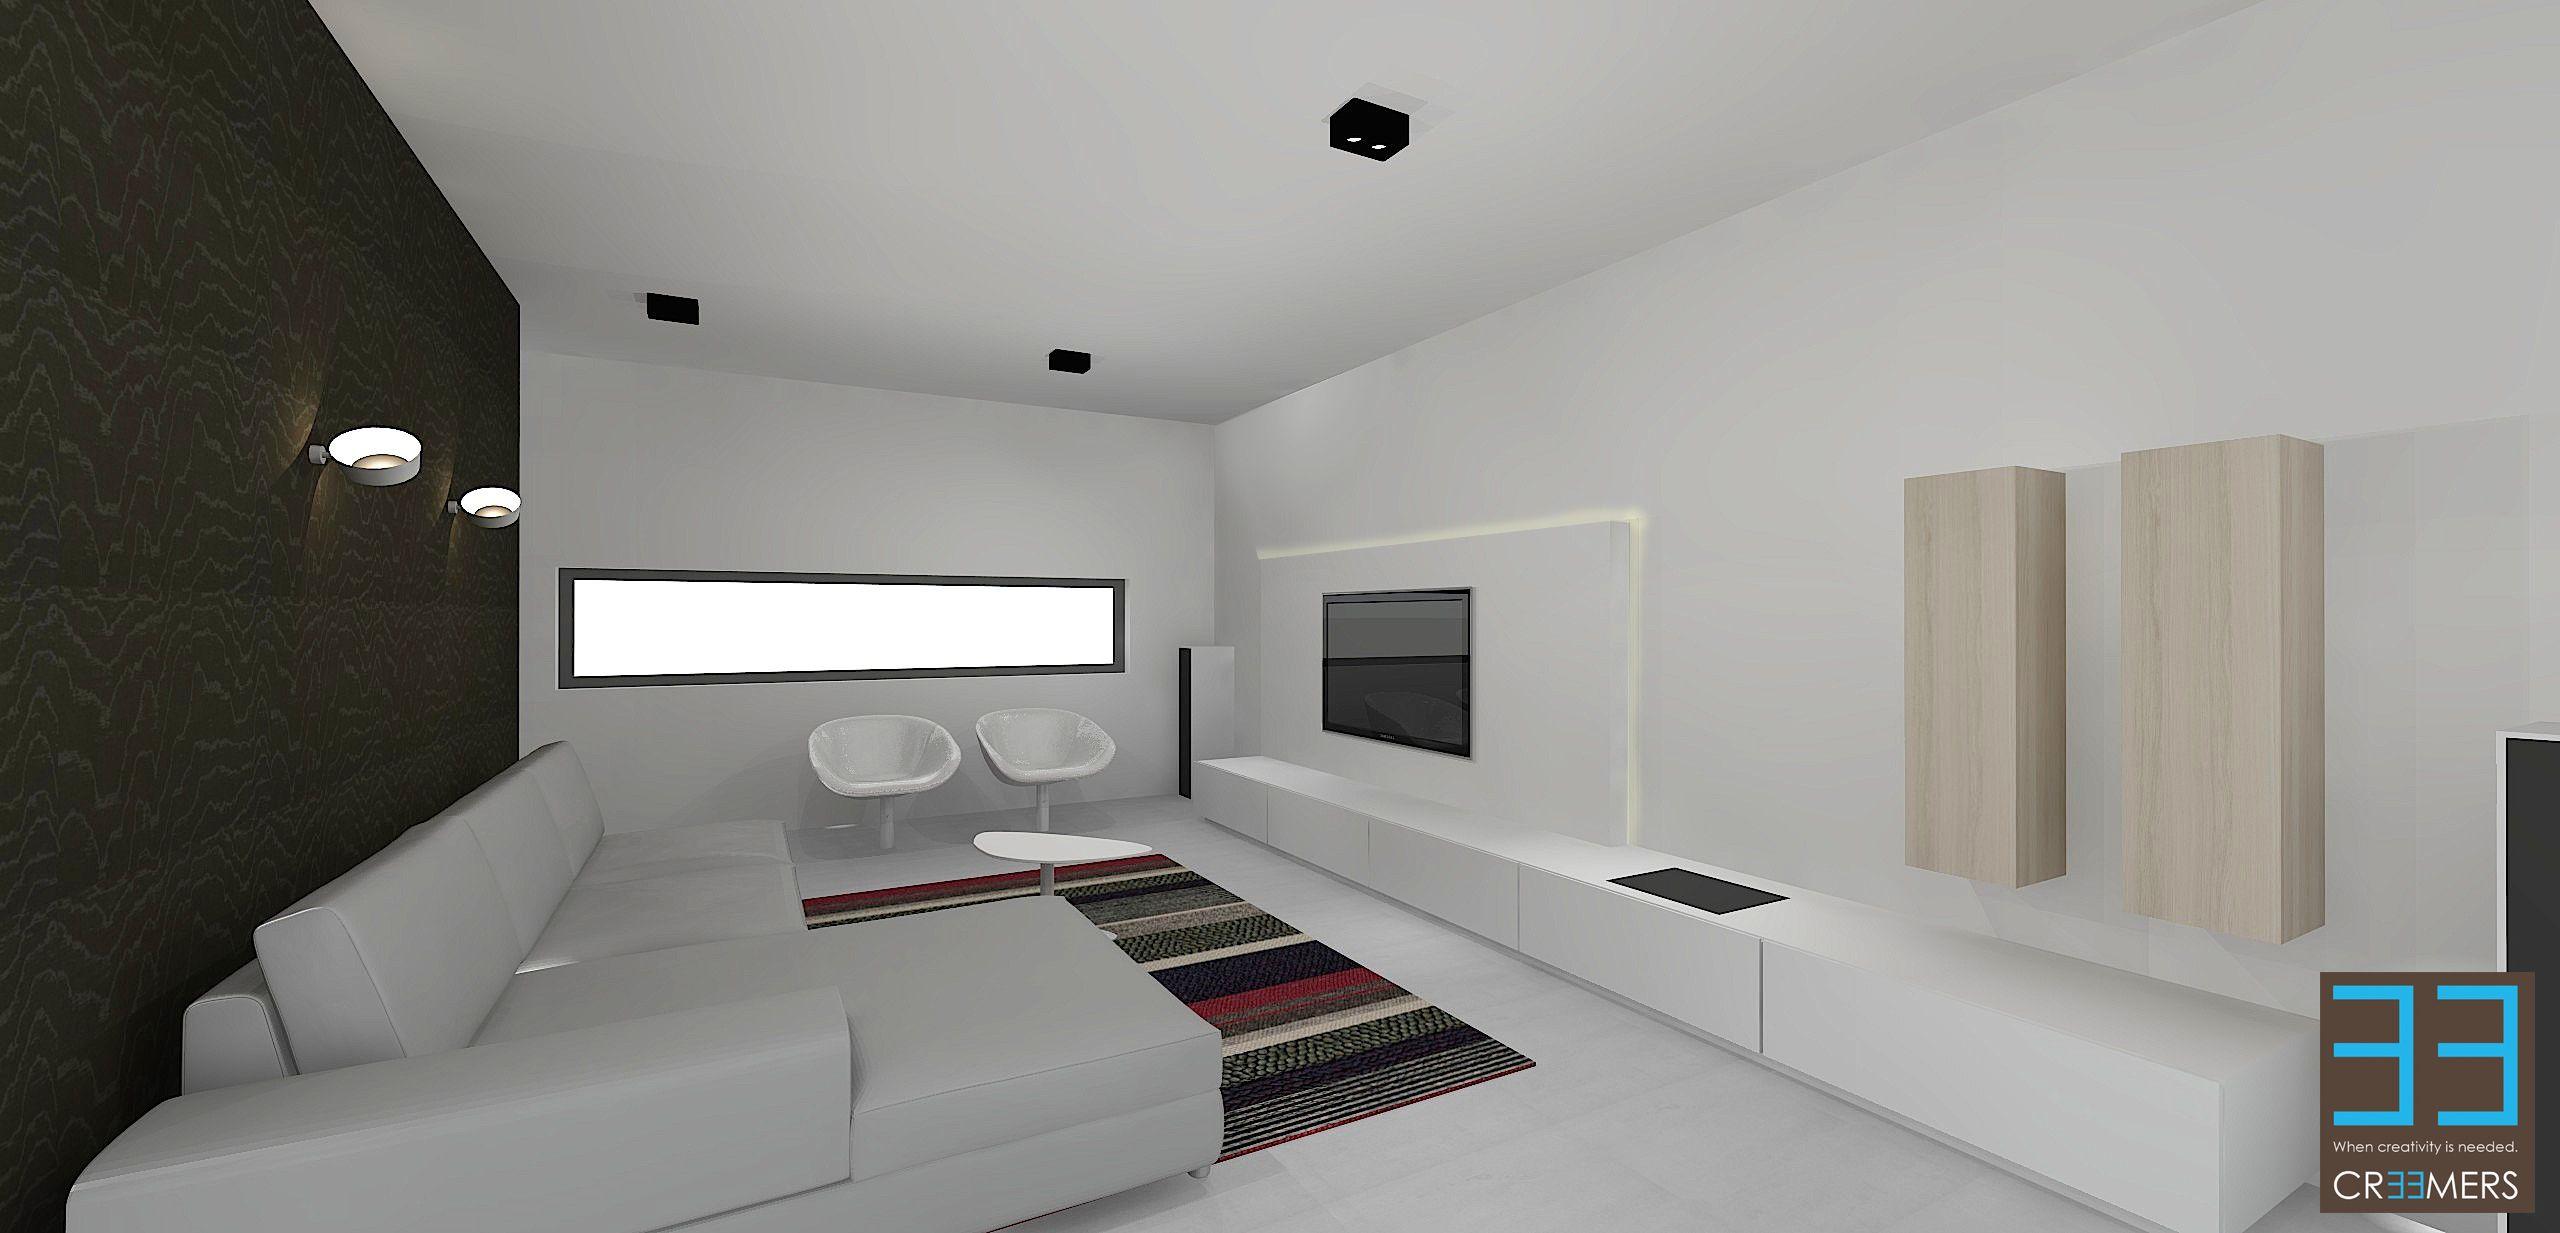 Interieur-nieuwbouw-woonkamer-modern-interieurarchitect-Ken-Creemers ...